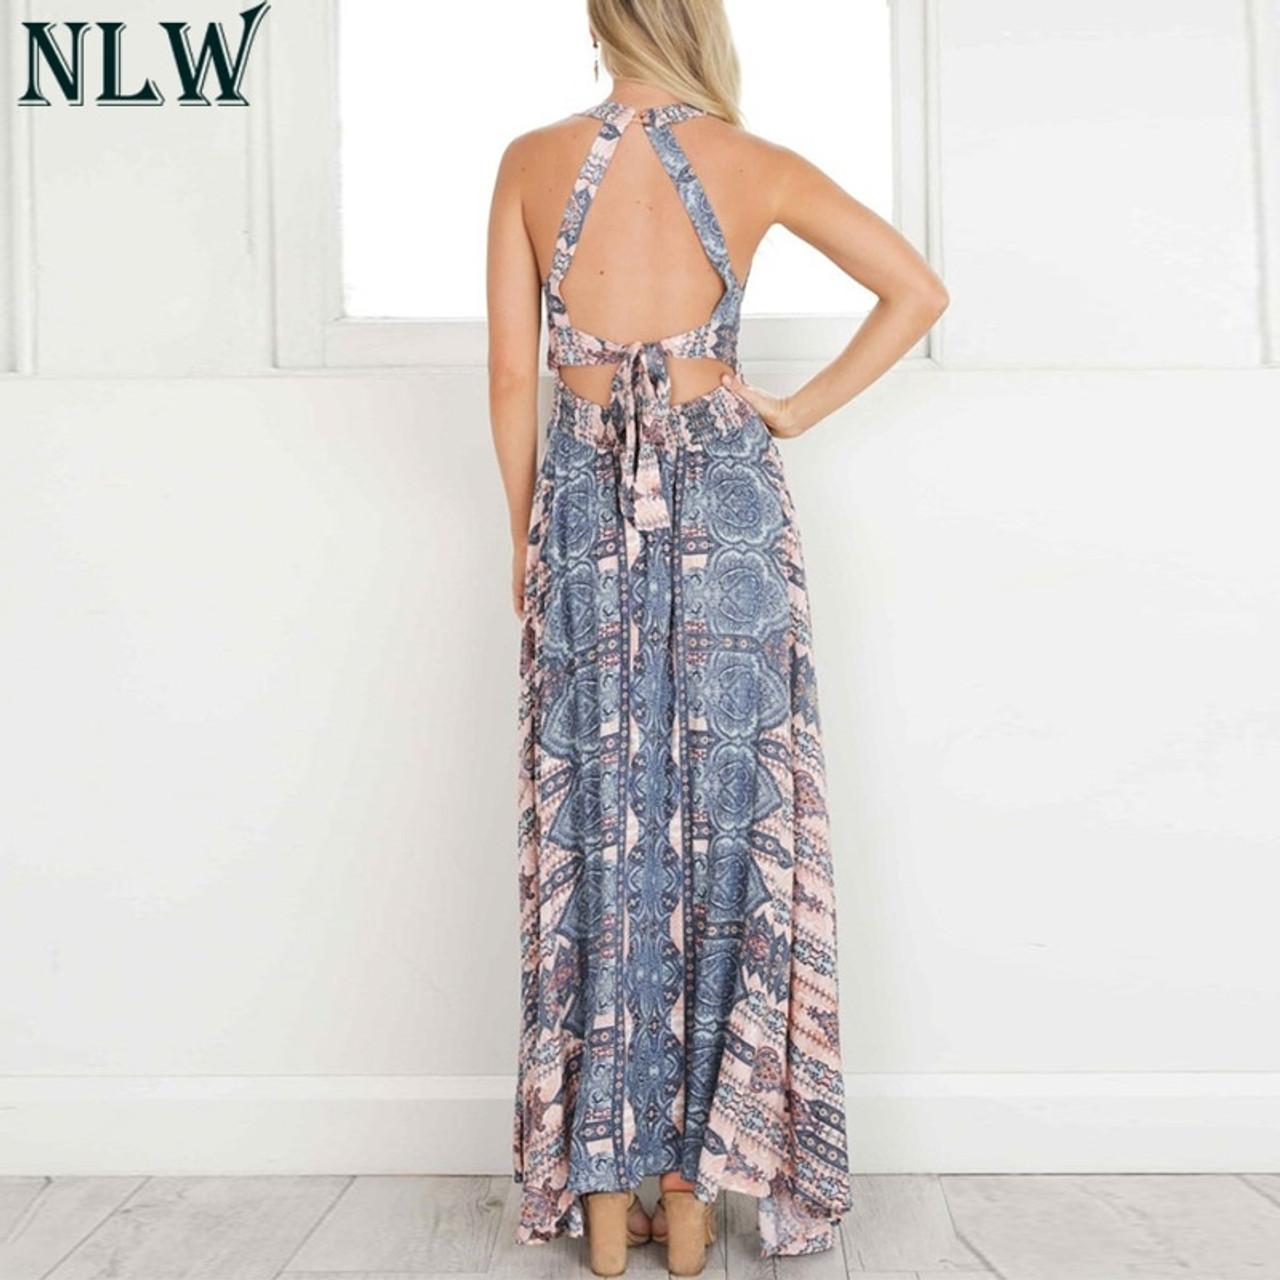 c74ddff1f72bb NLW Boho Blue Flower Maxi Dress Halter Summer Dress 2019 Women High Split  Backless Sexy Long Dress Beach Party Chic Girl Vestido